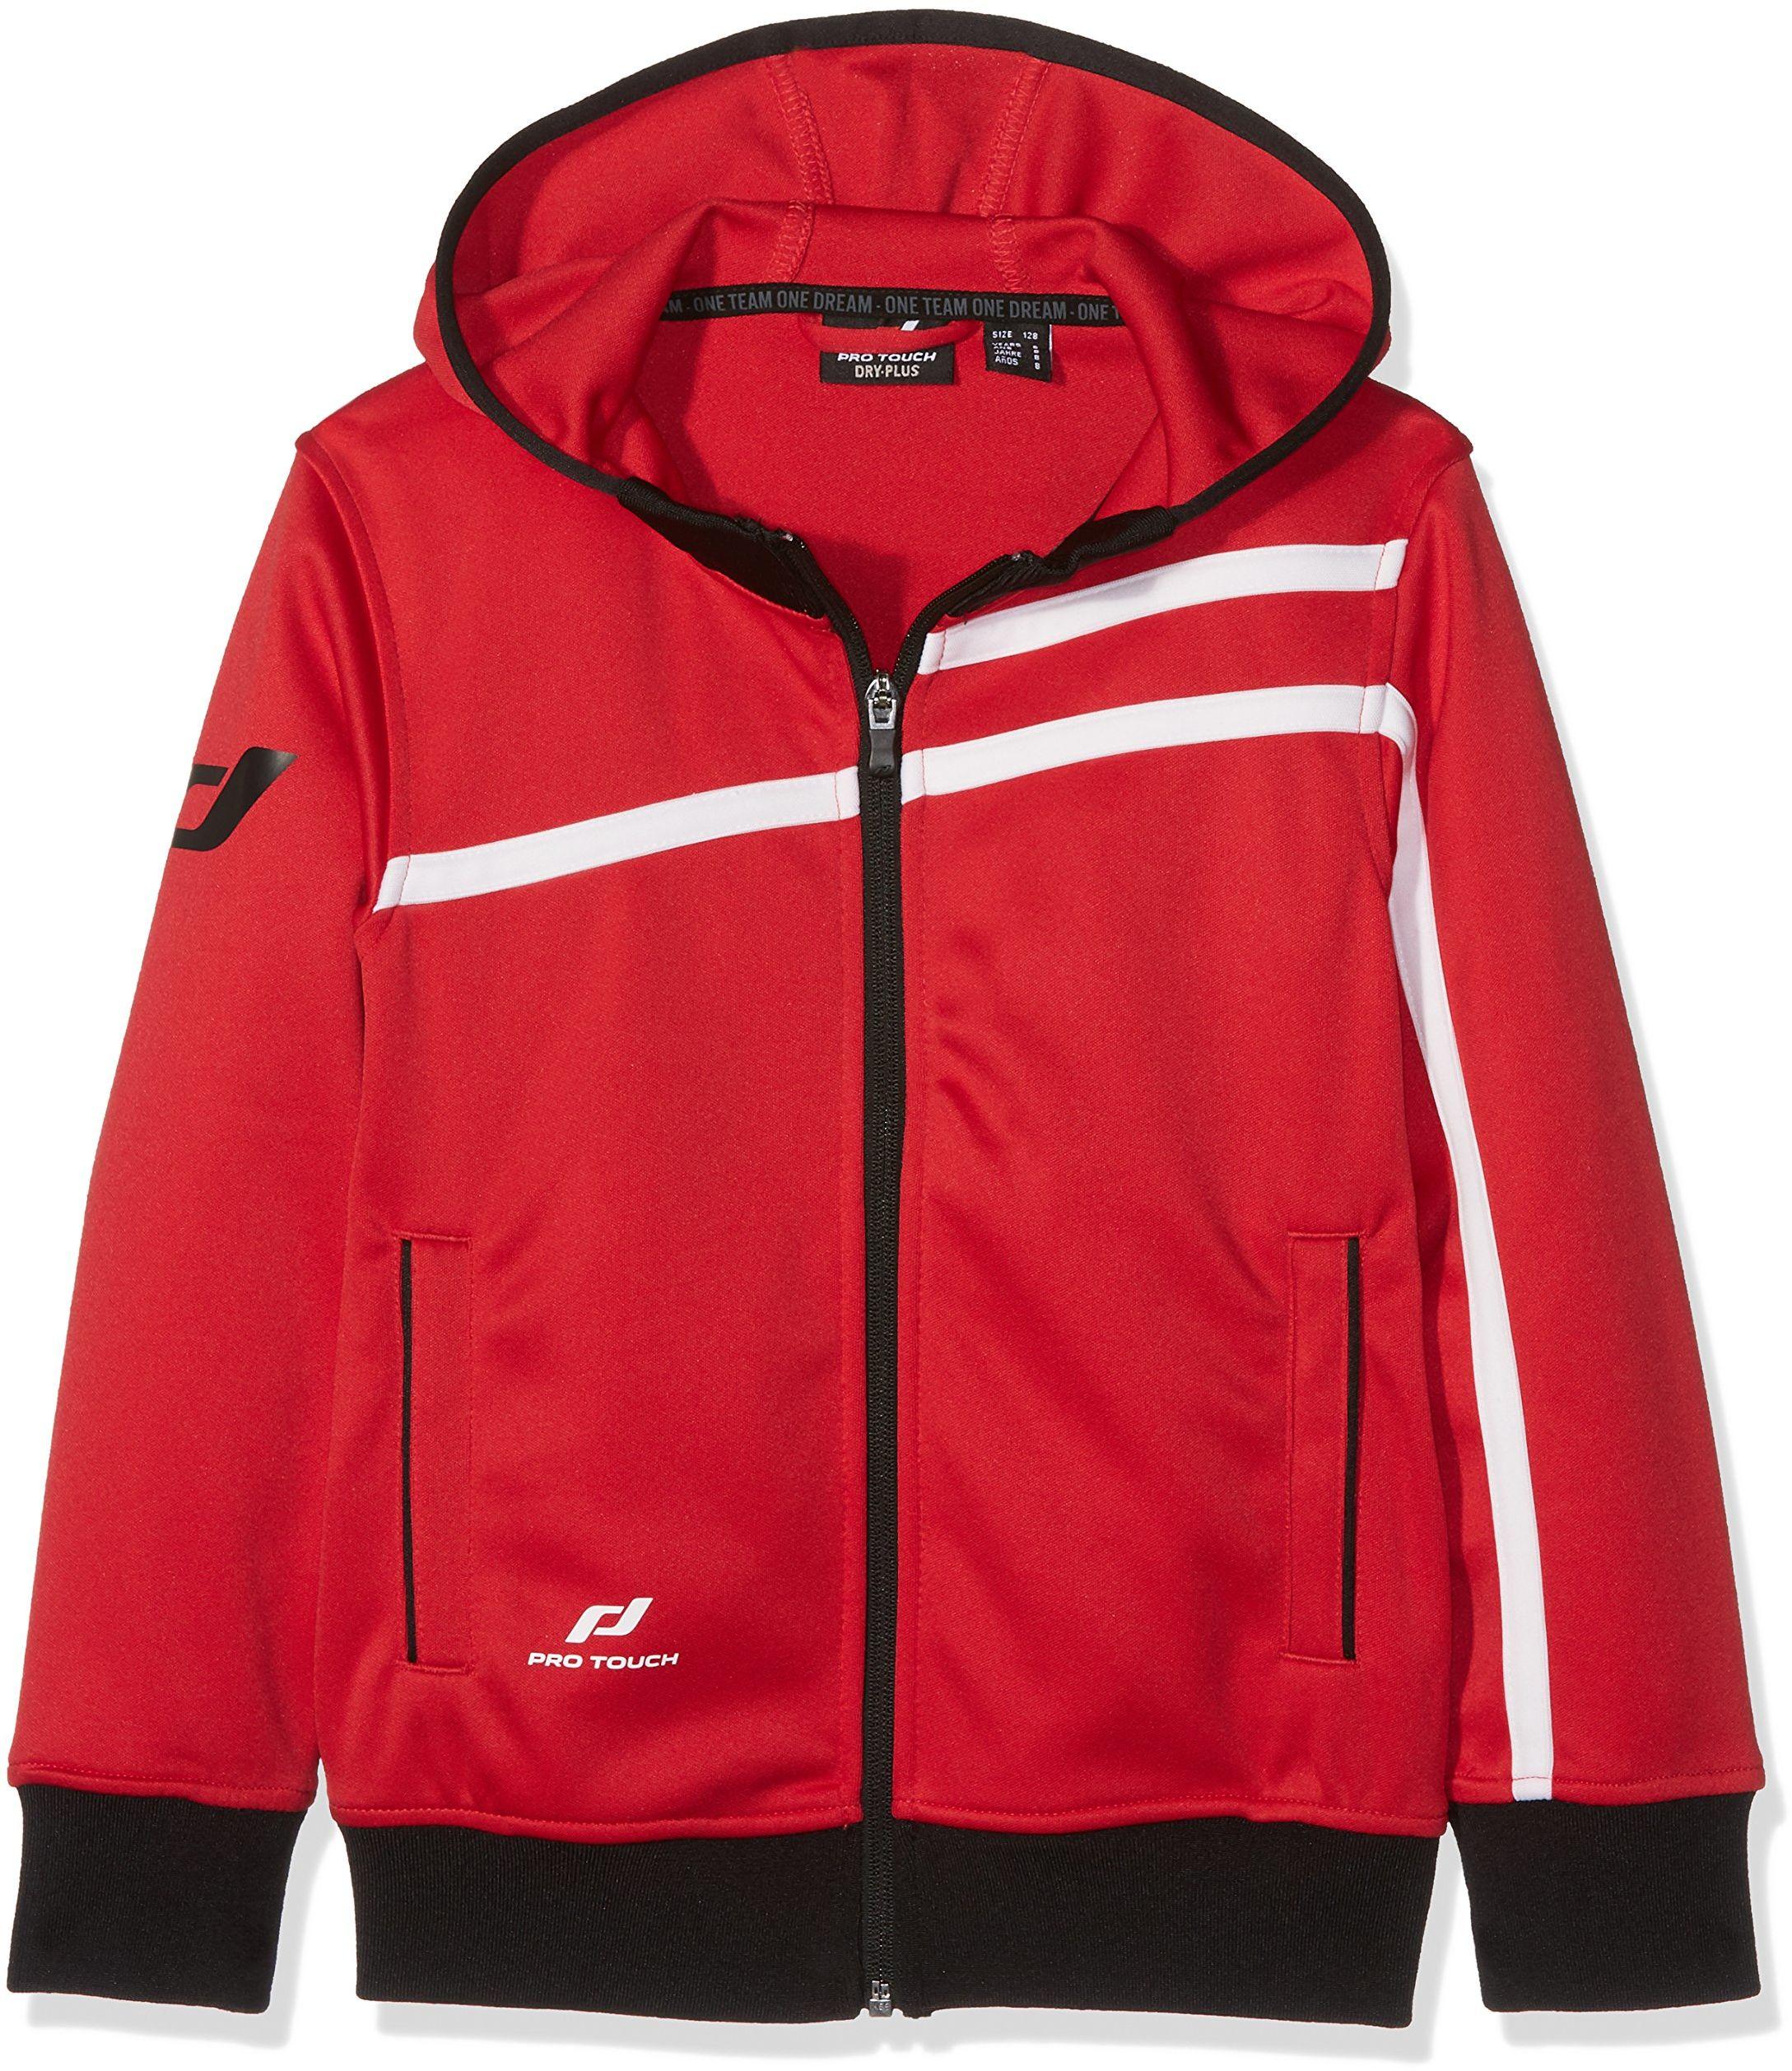 Pro Touch Dziecięca kurtka z kapturem, czerwona, 164